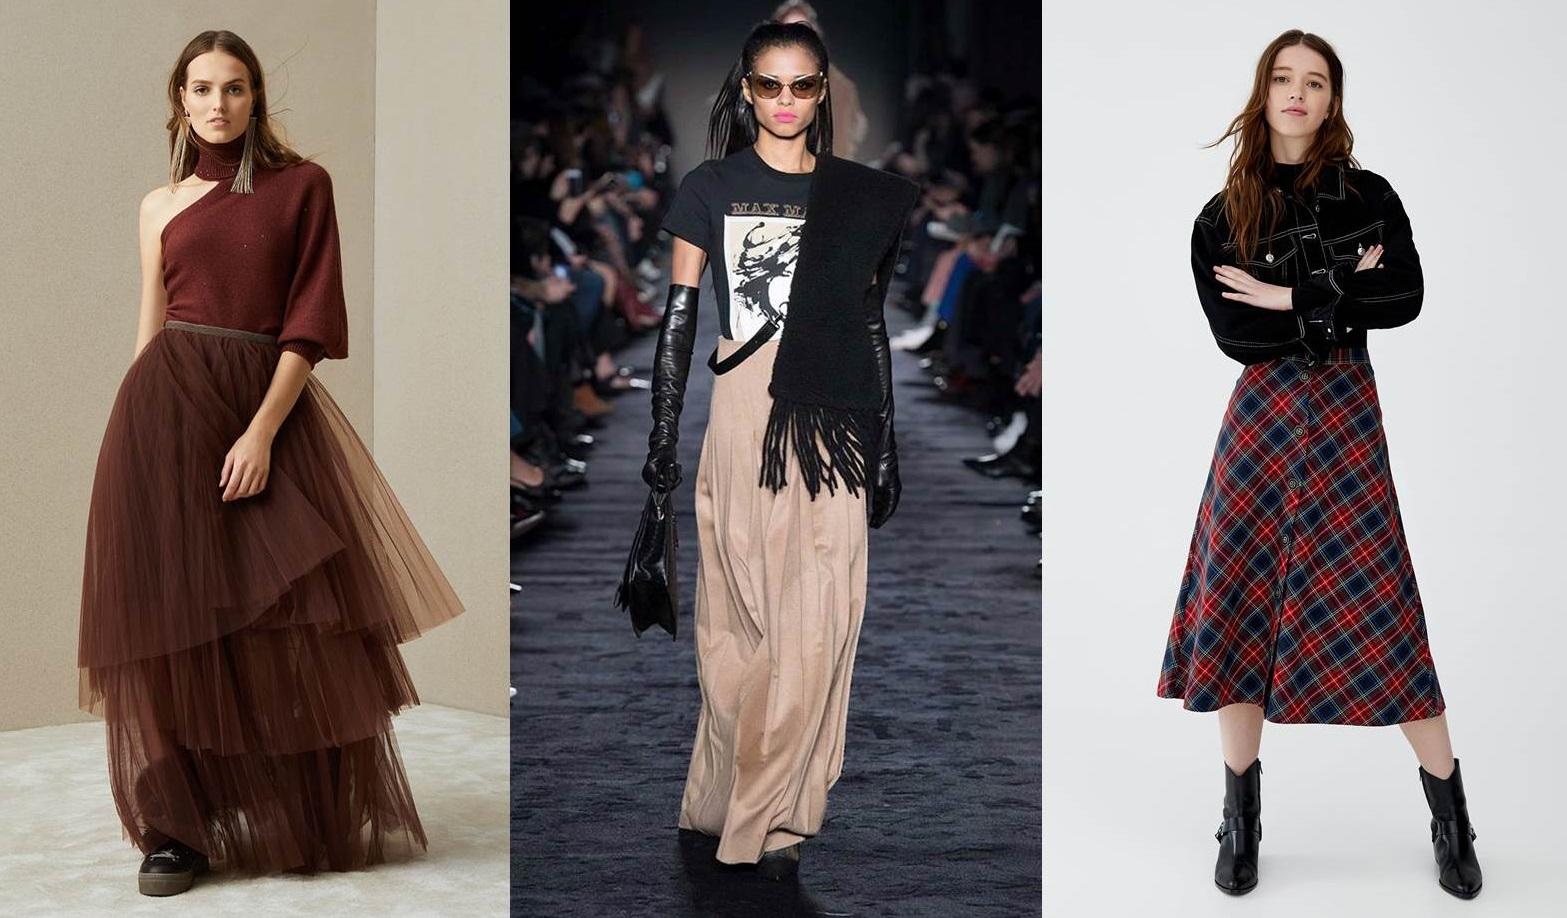 Gonne lunghe invernali, le più fashion da avere [FOTO]